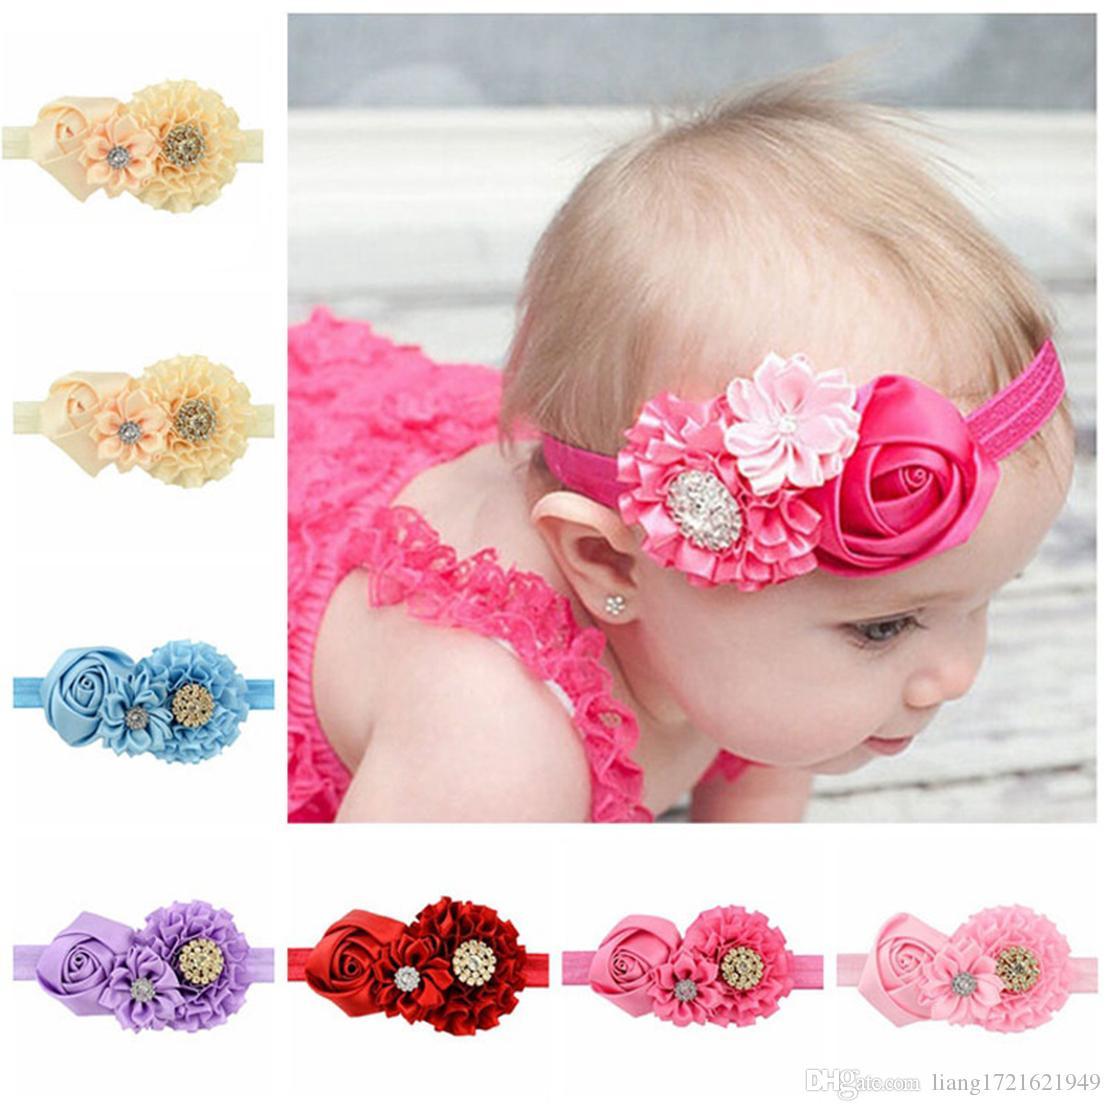 8 Haarband-Haarzusätze Europa und Amerika der neuen Kinder rosafarbenes Babybabystirnband